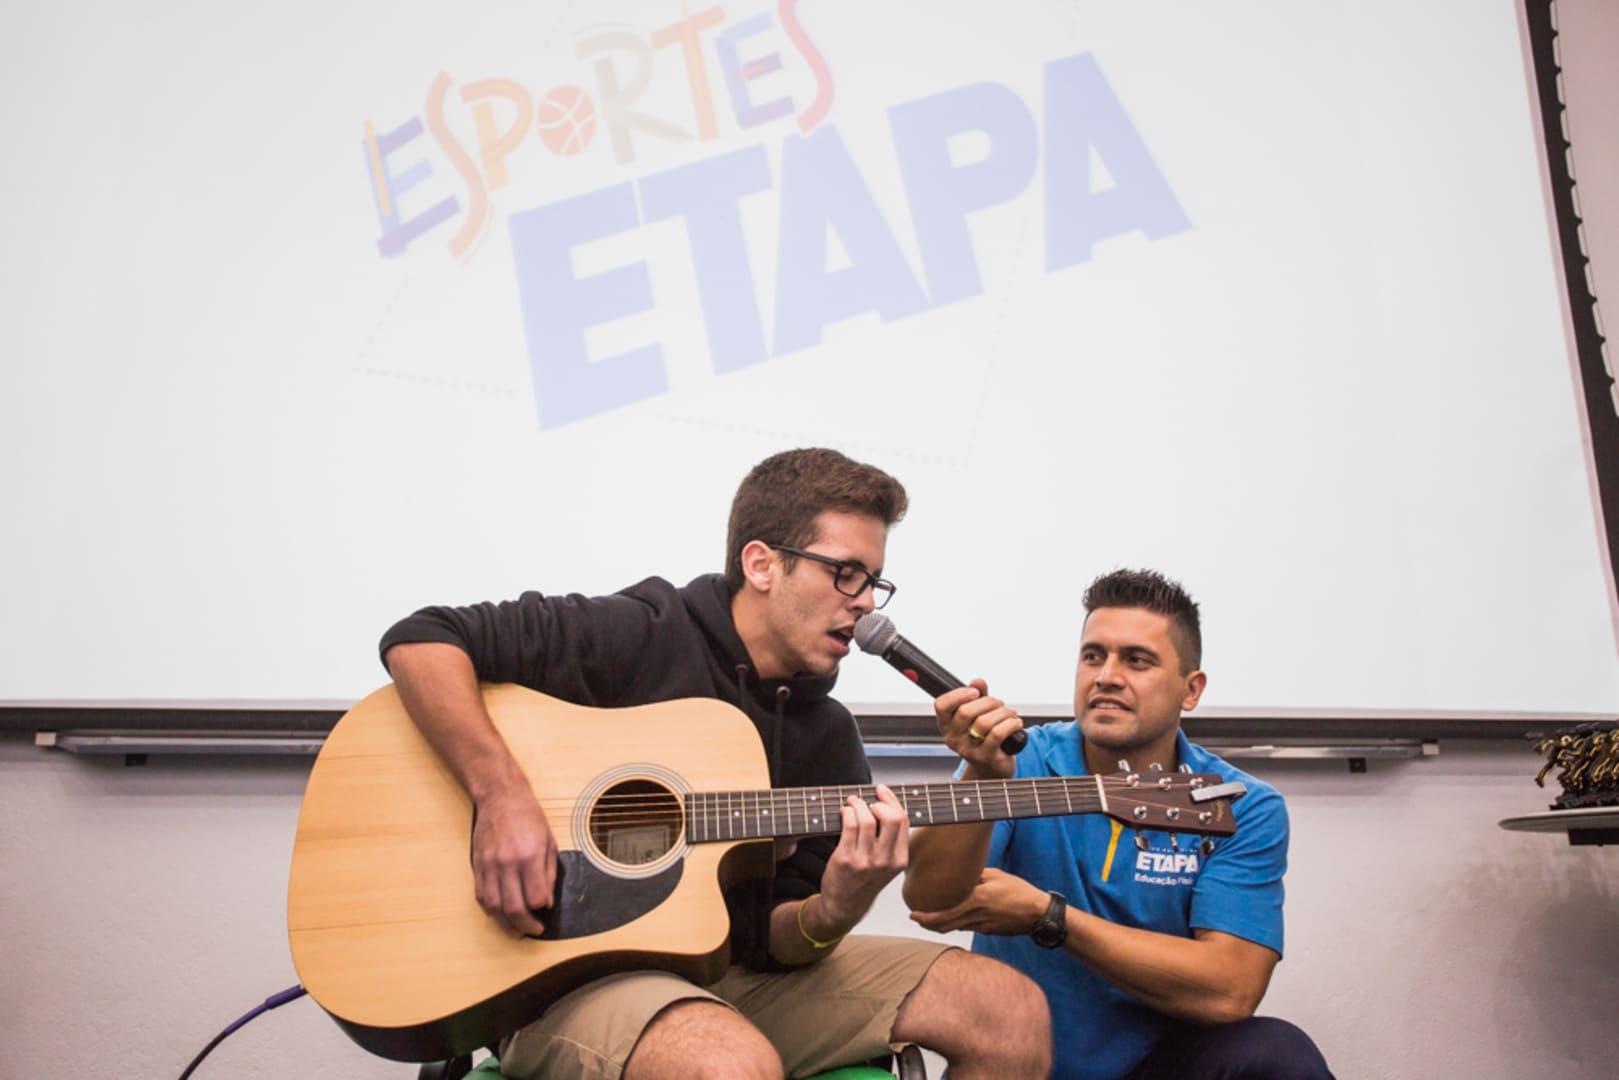 Etapa realiza o Festão do Atleta 2018.